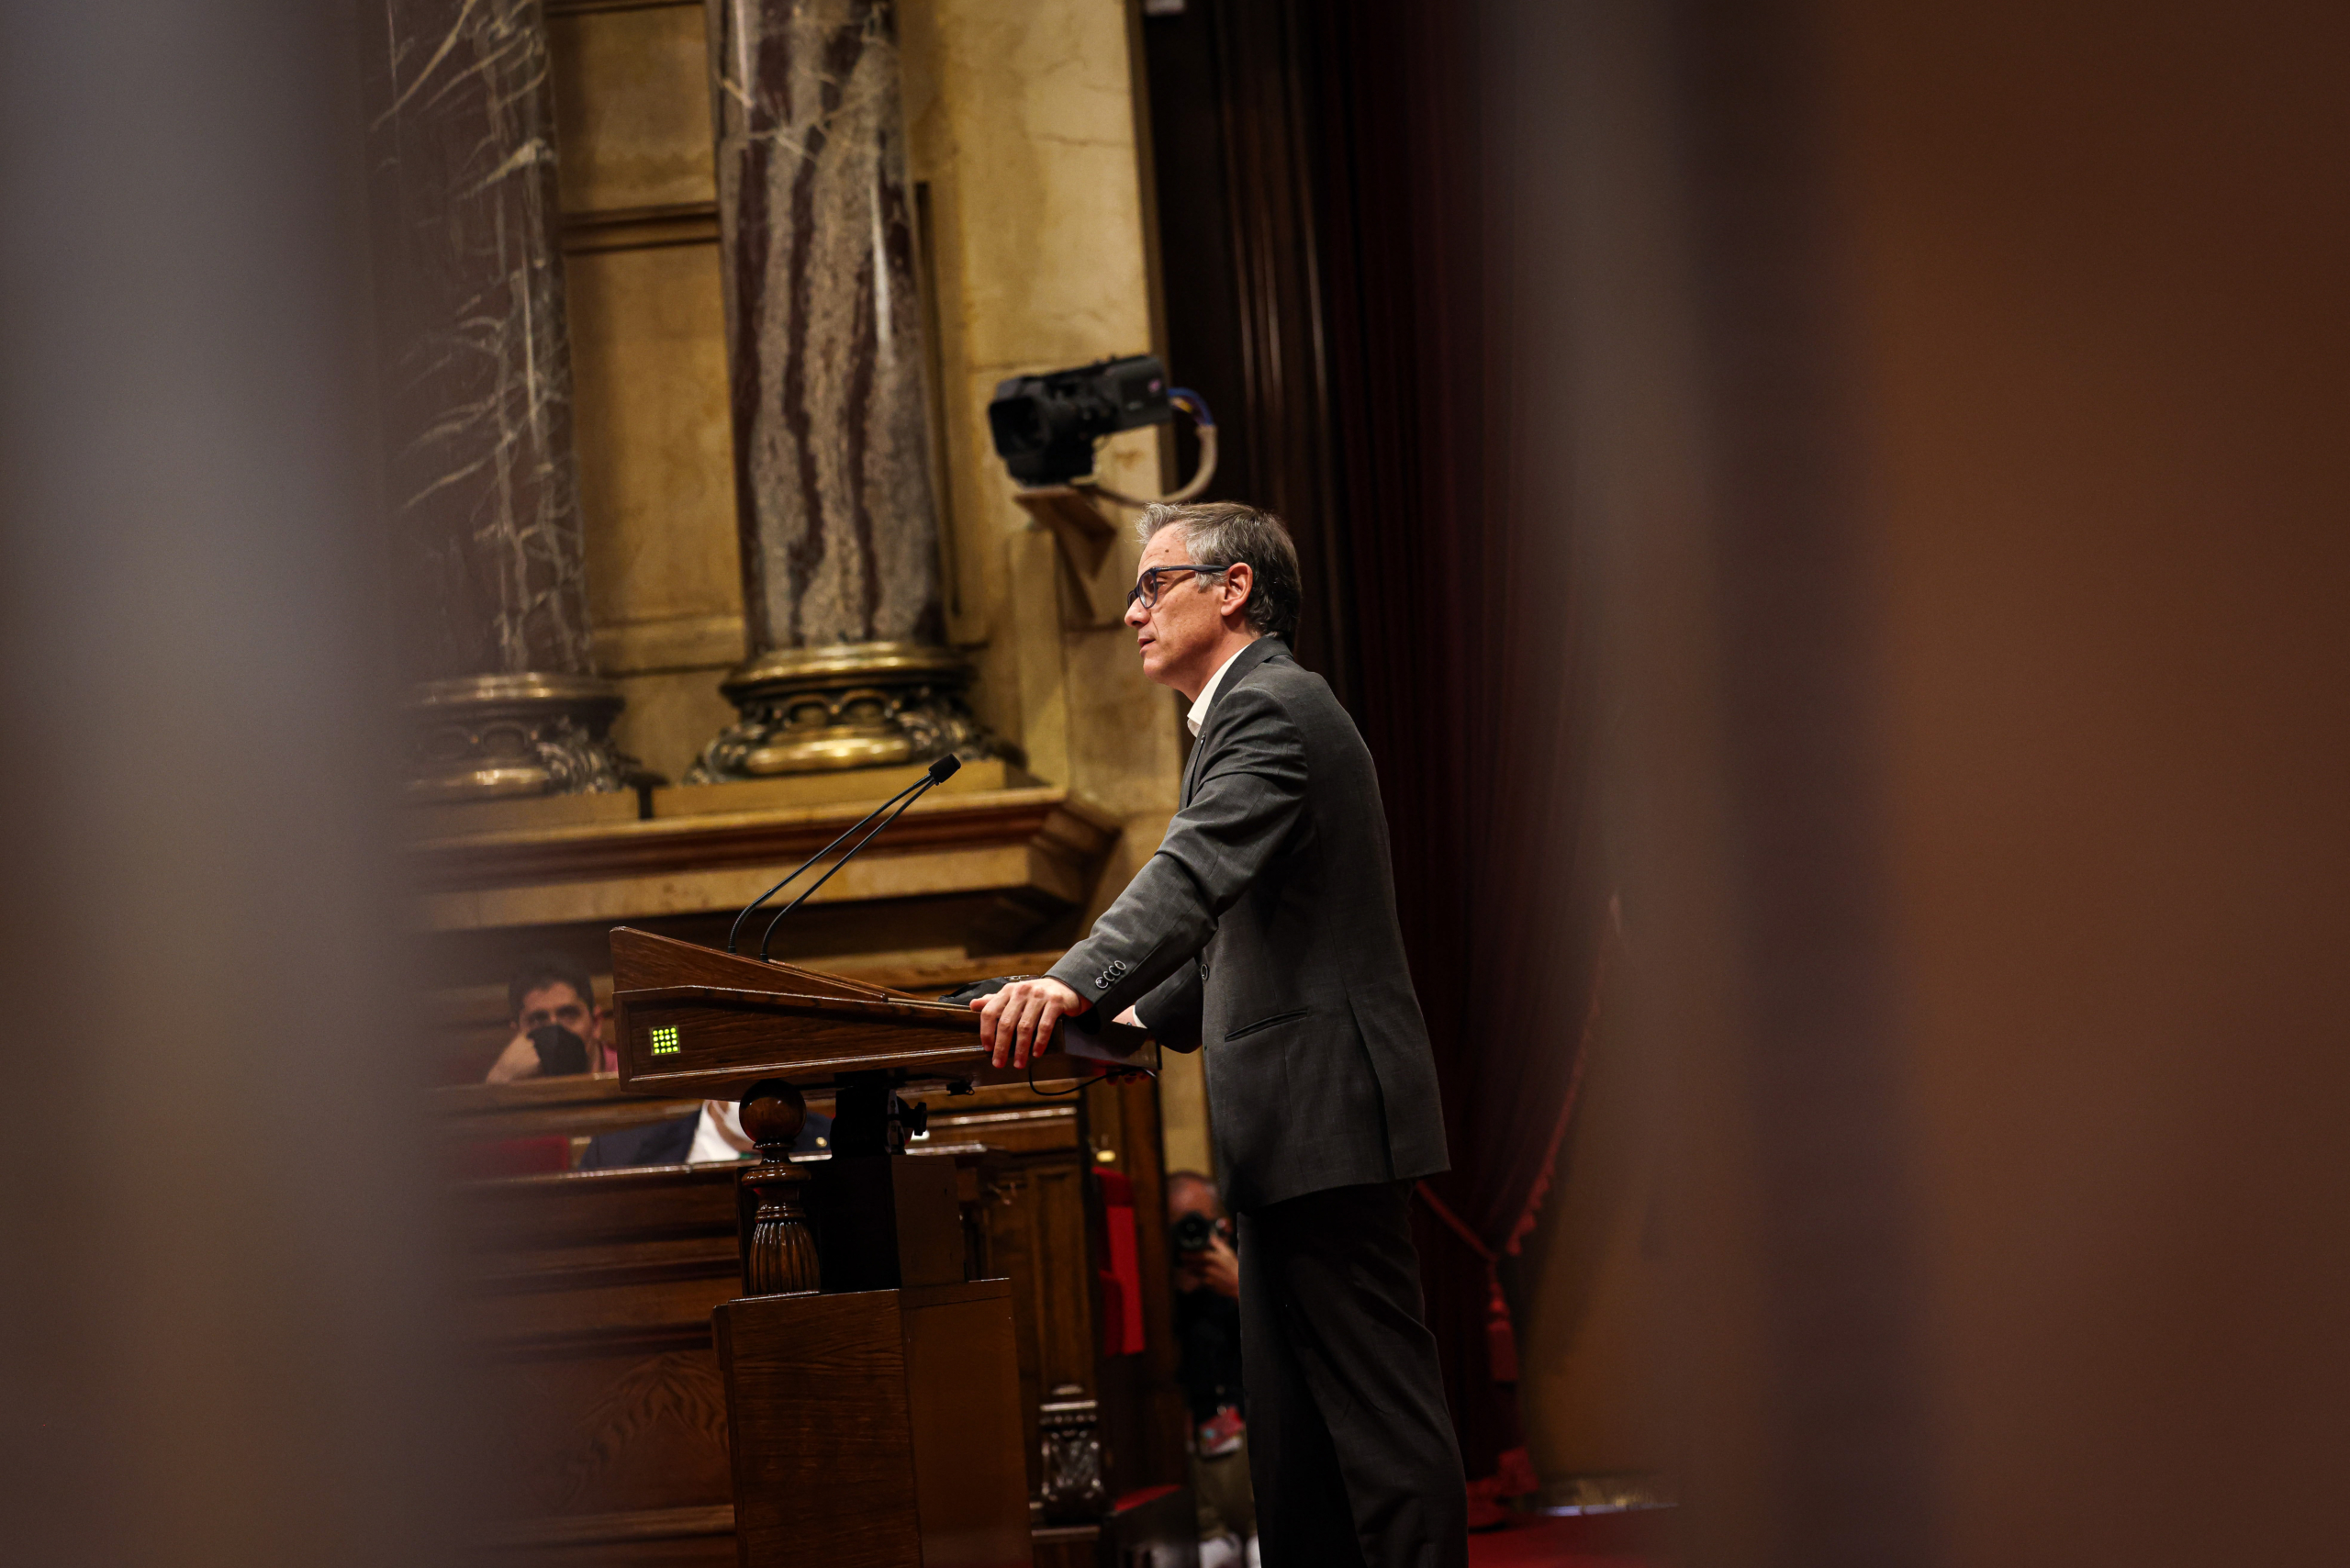 Jové parla d'autoexigència a la taula de diàleg amb el govern espanyol i crida a la unitat de l'independentisme / Jordi Borràs